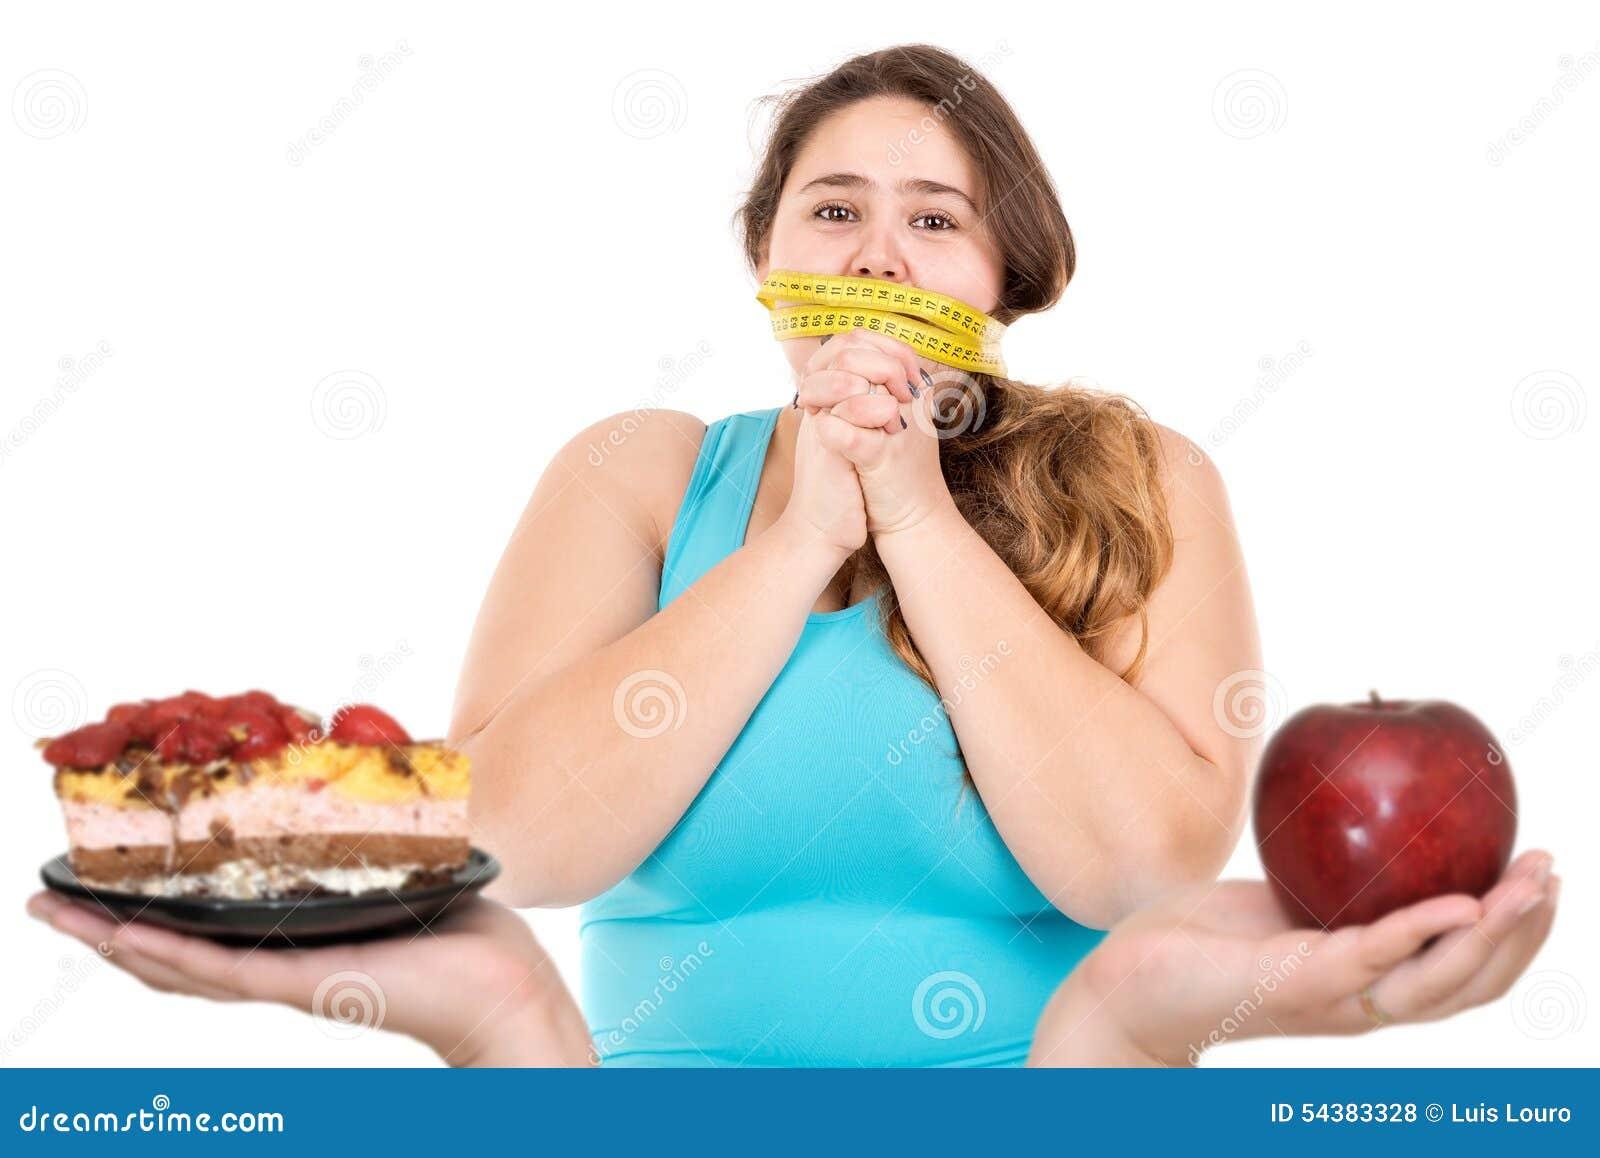 Fat woman gagged pics